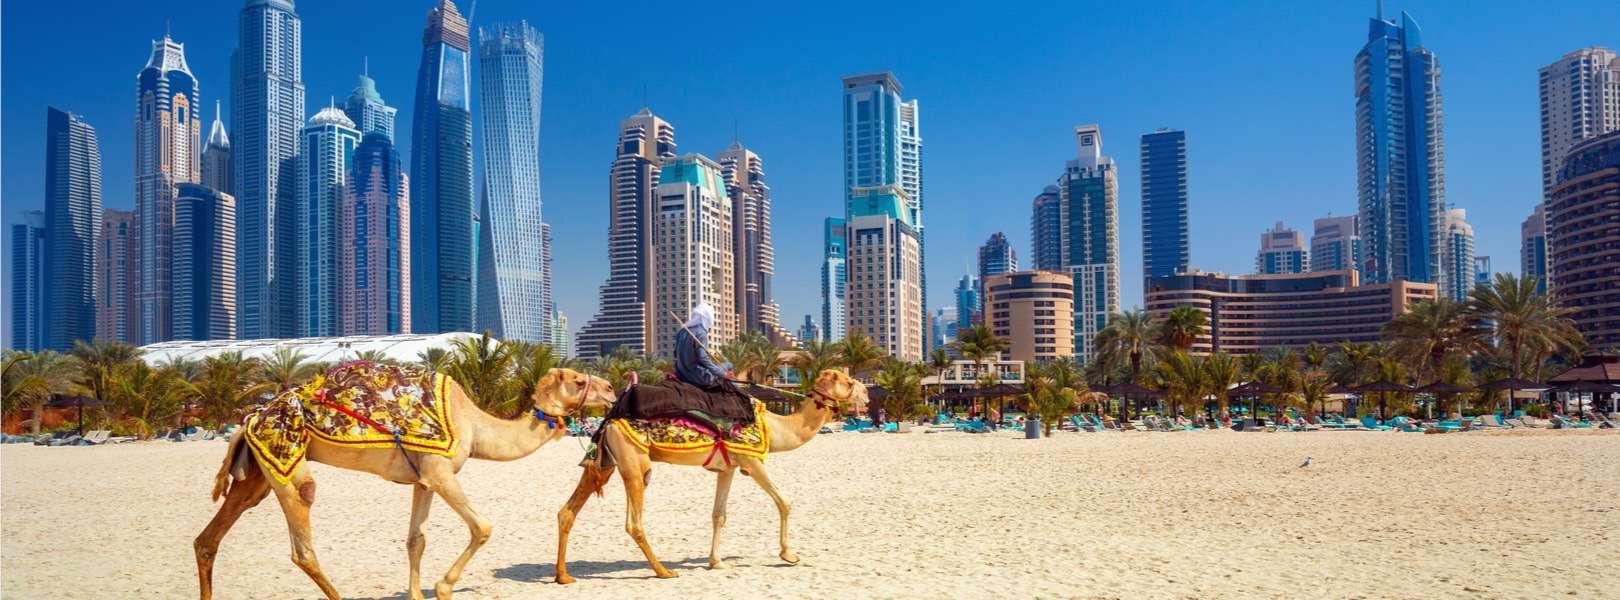 Blick auf den Strand und die Skyline von Dubai